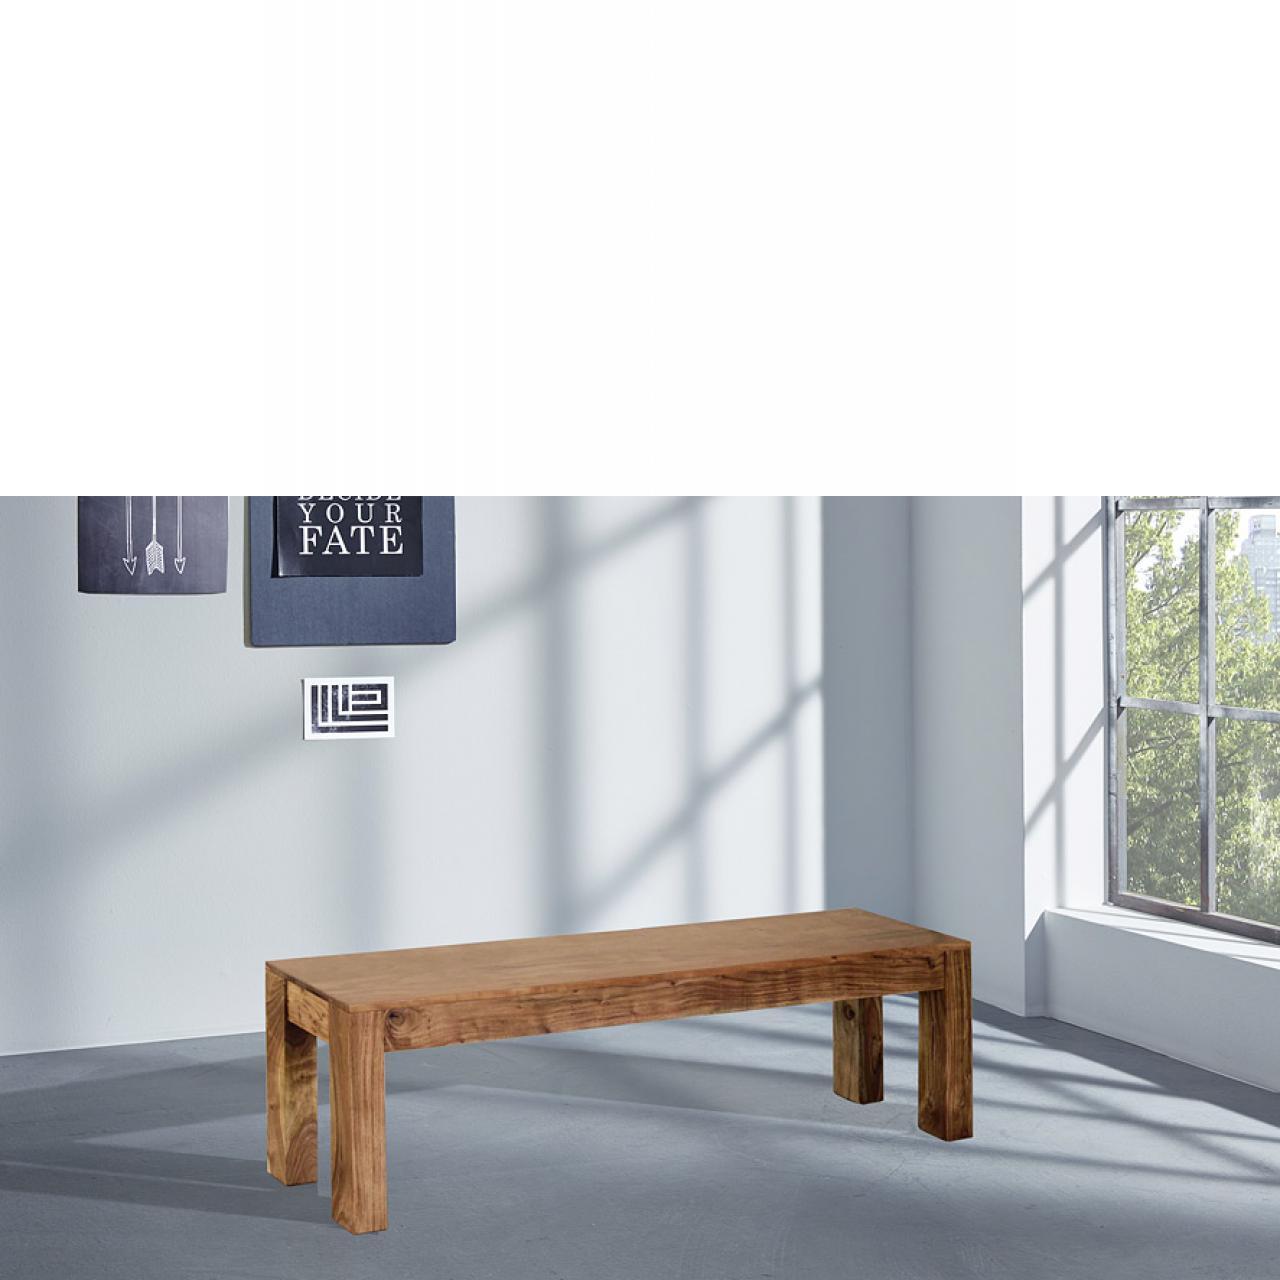 Sitzbank Vision 2826 Akazie Massiv Acana Wolf Möbel 178 cm breit